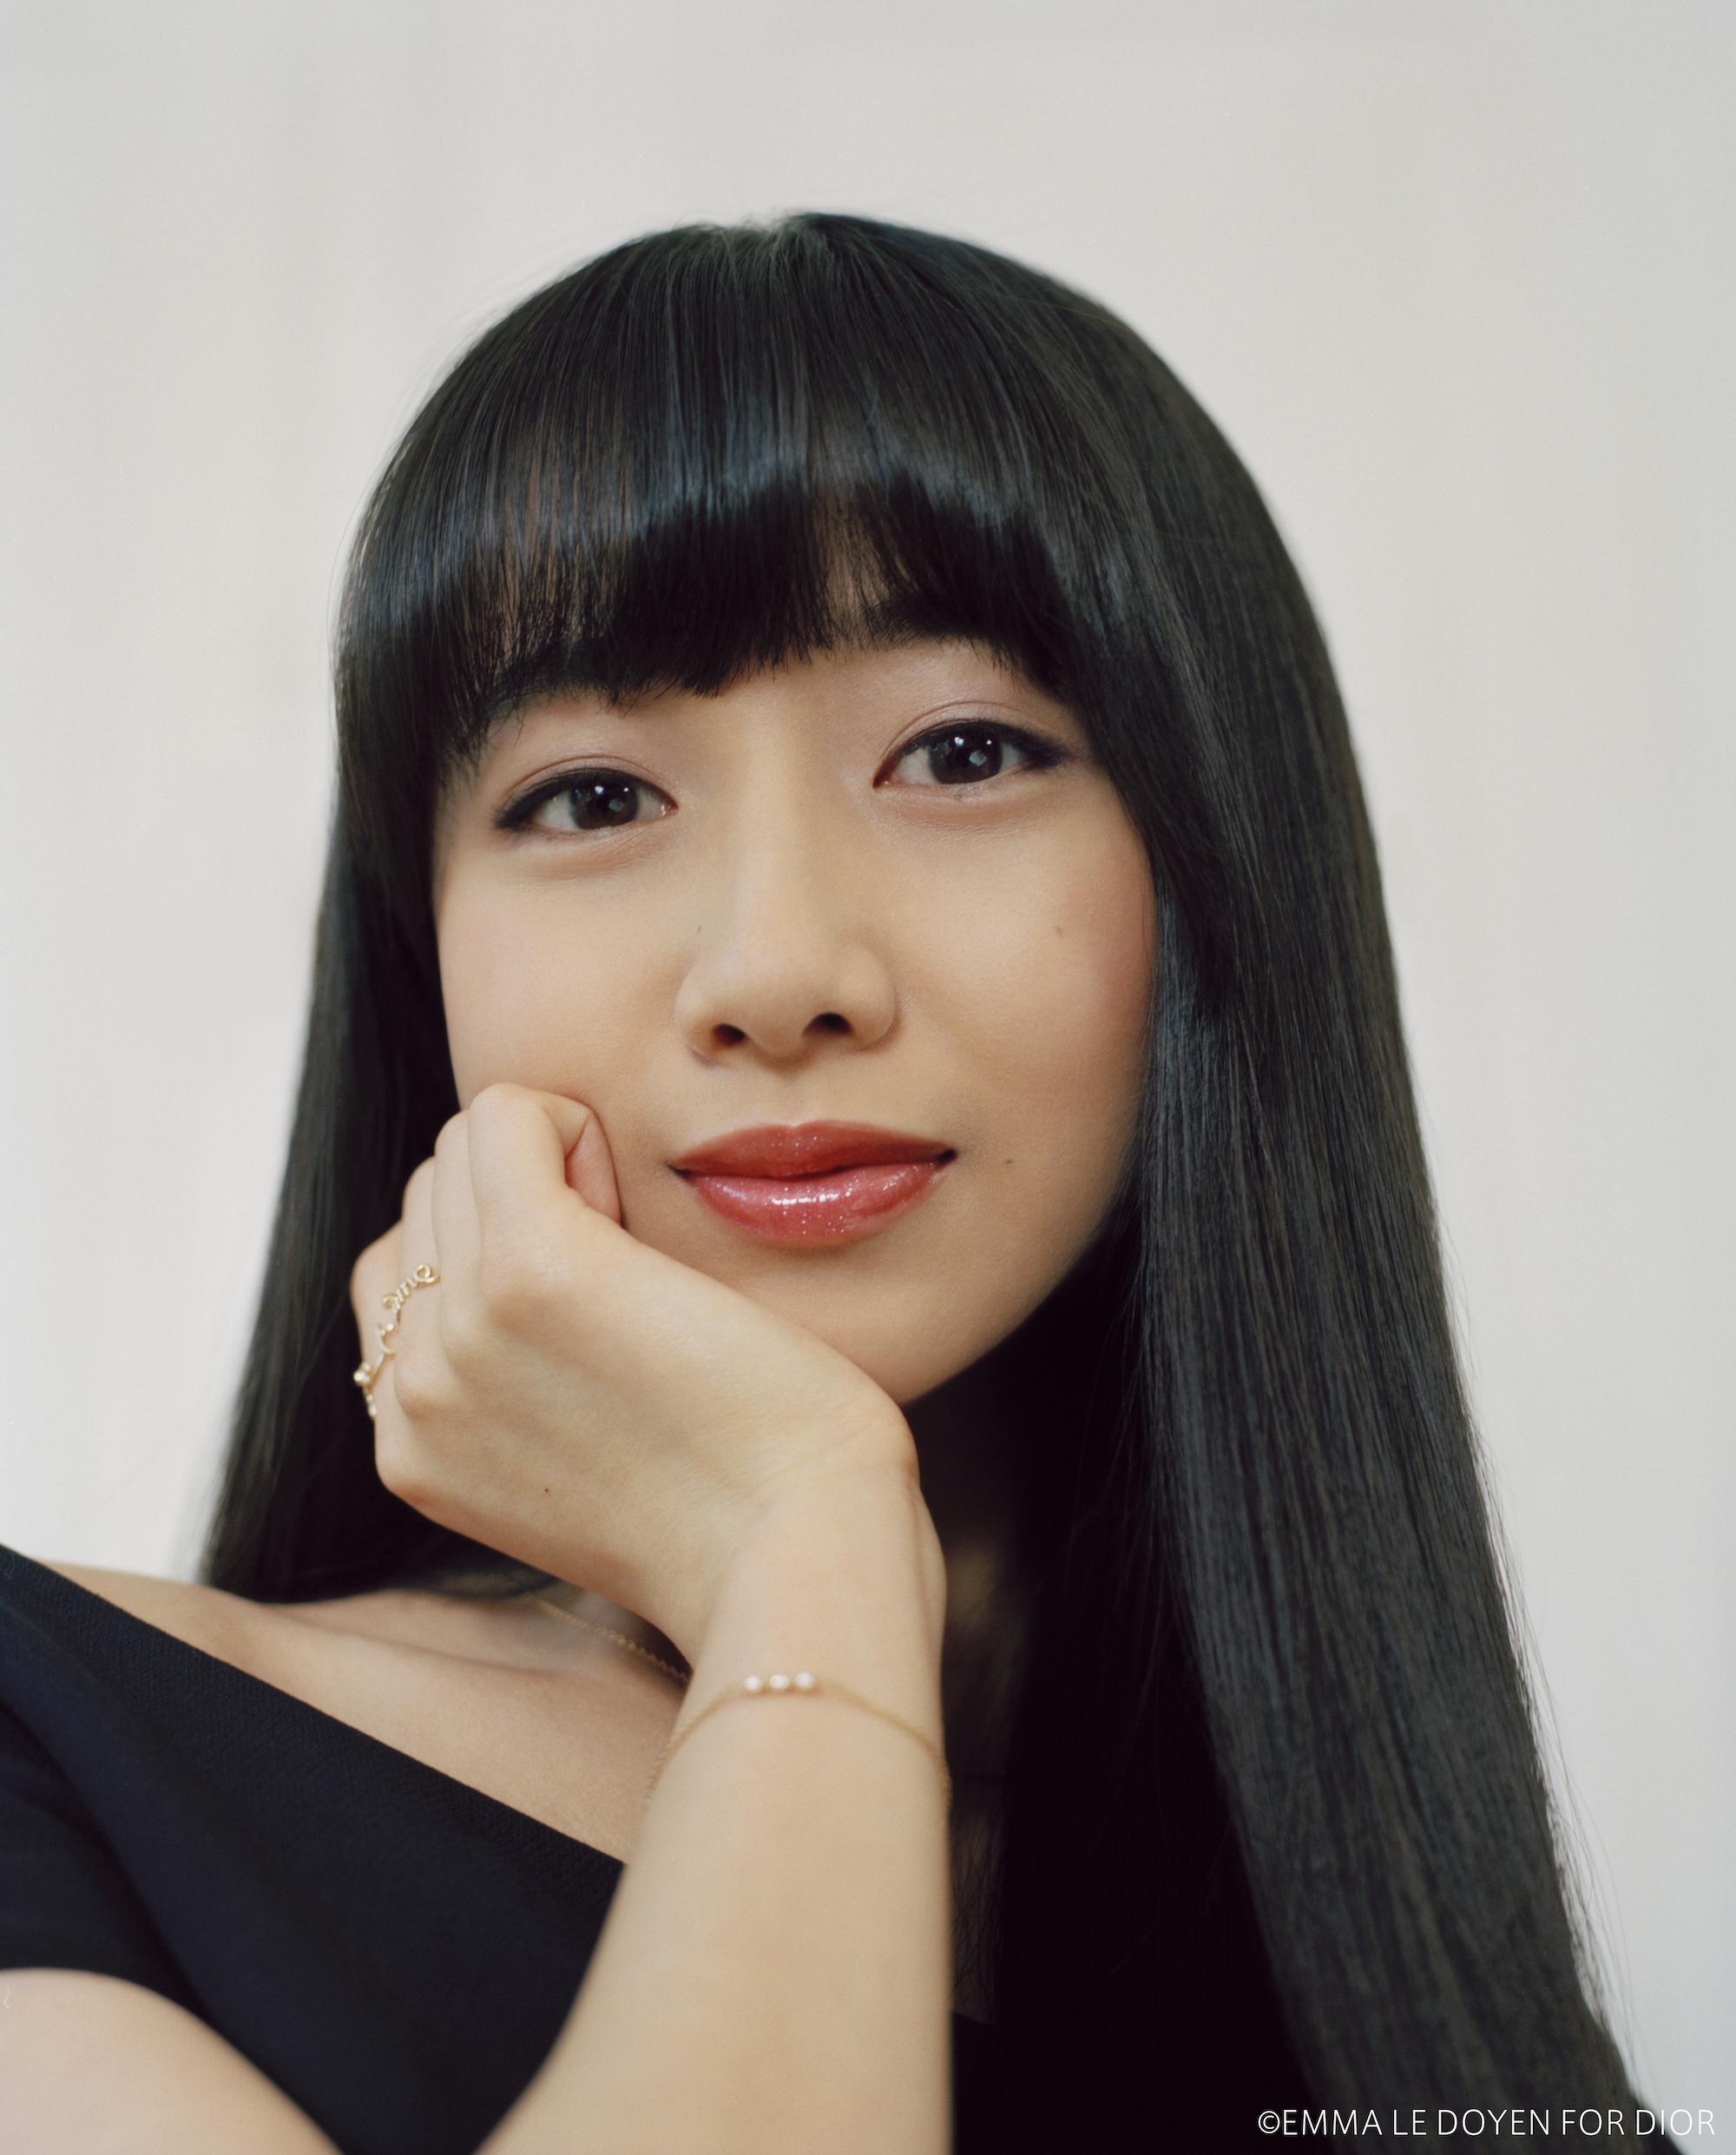 木村拓哉さんと工藤静香さん夫妻の長女 Cocomi、Dior(ディオール)の新アンバサダー